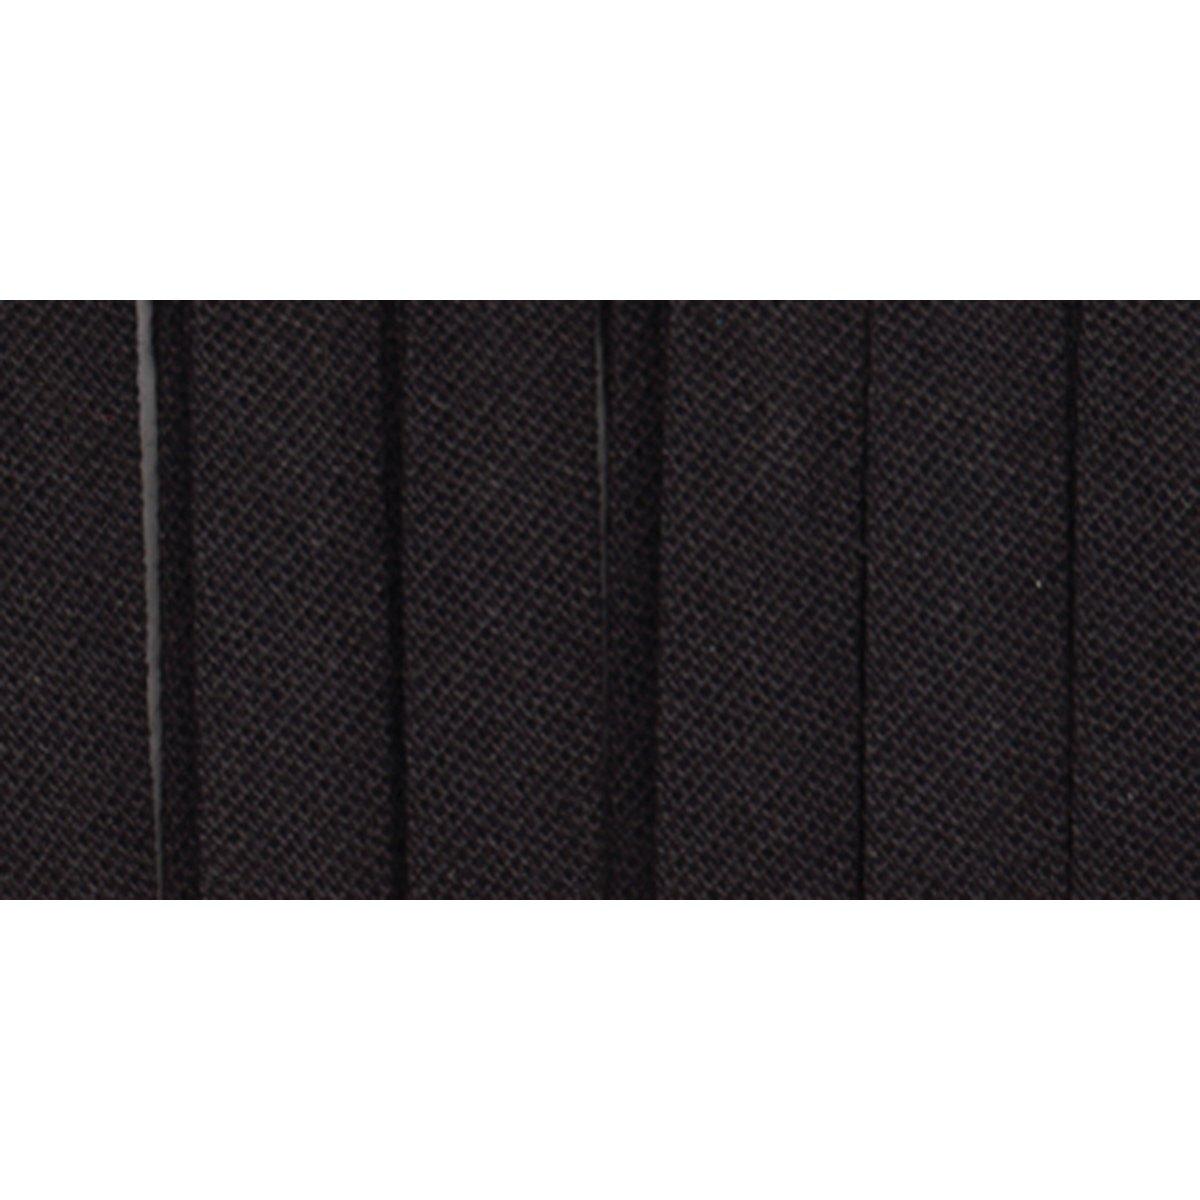 Double Fold Bias Tape 1/4 4 Yards-Black   Comentarios de clientes y más información